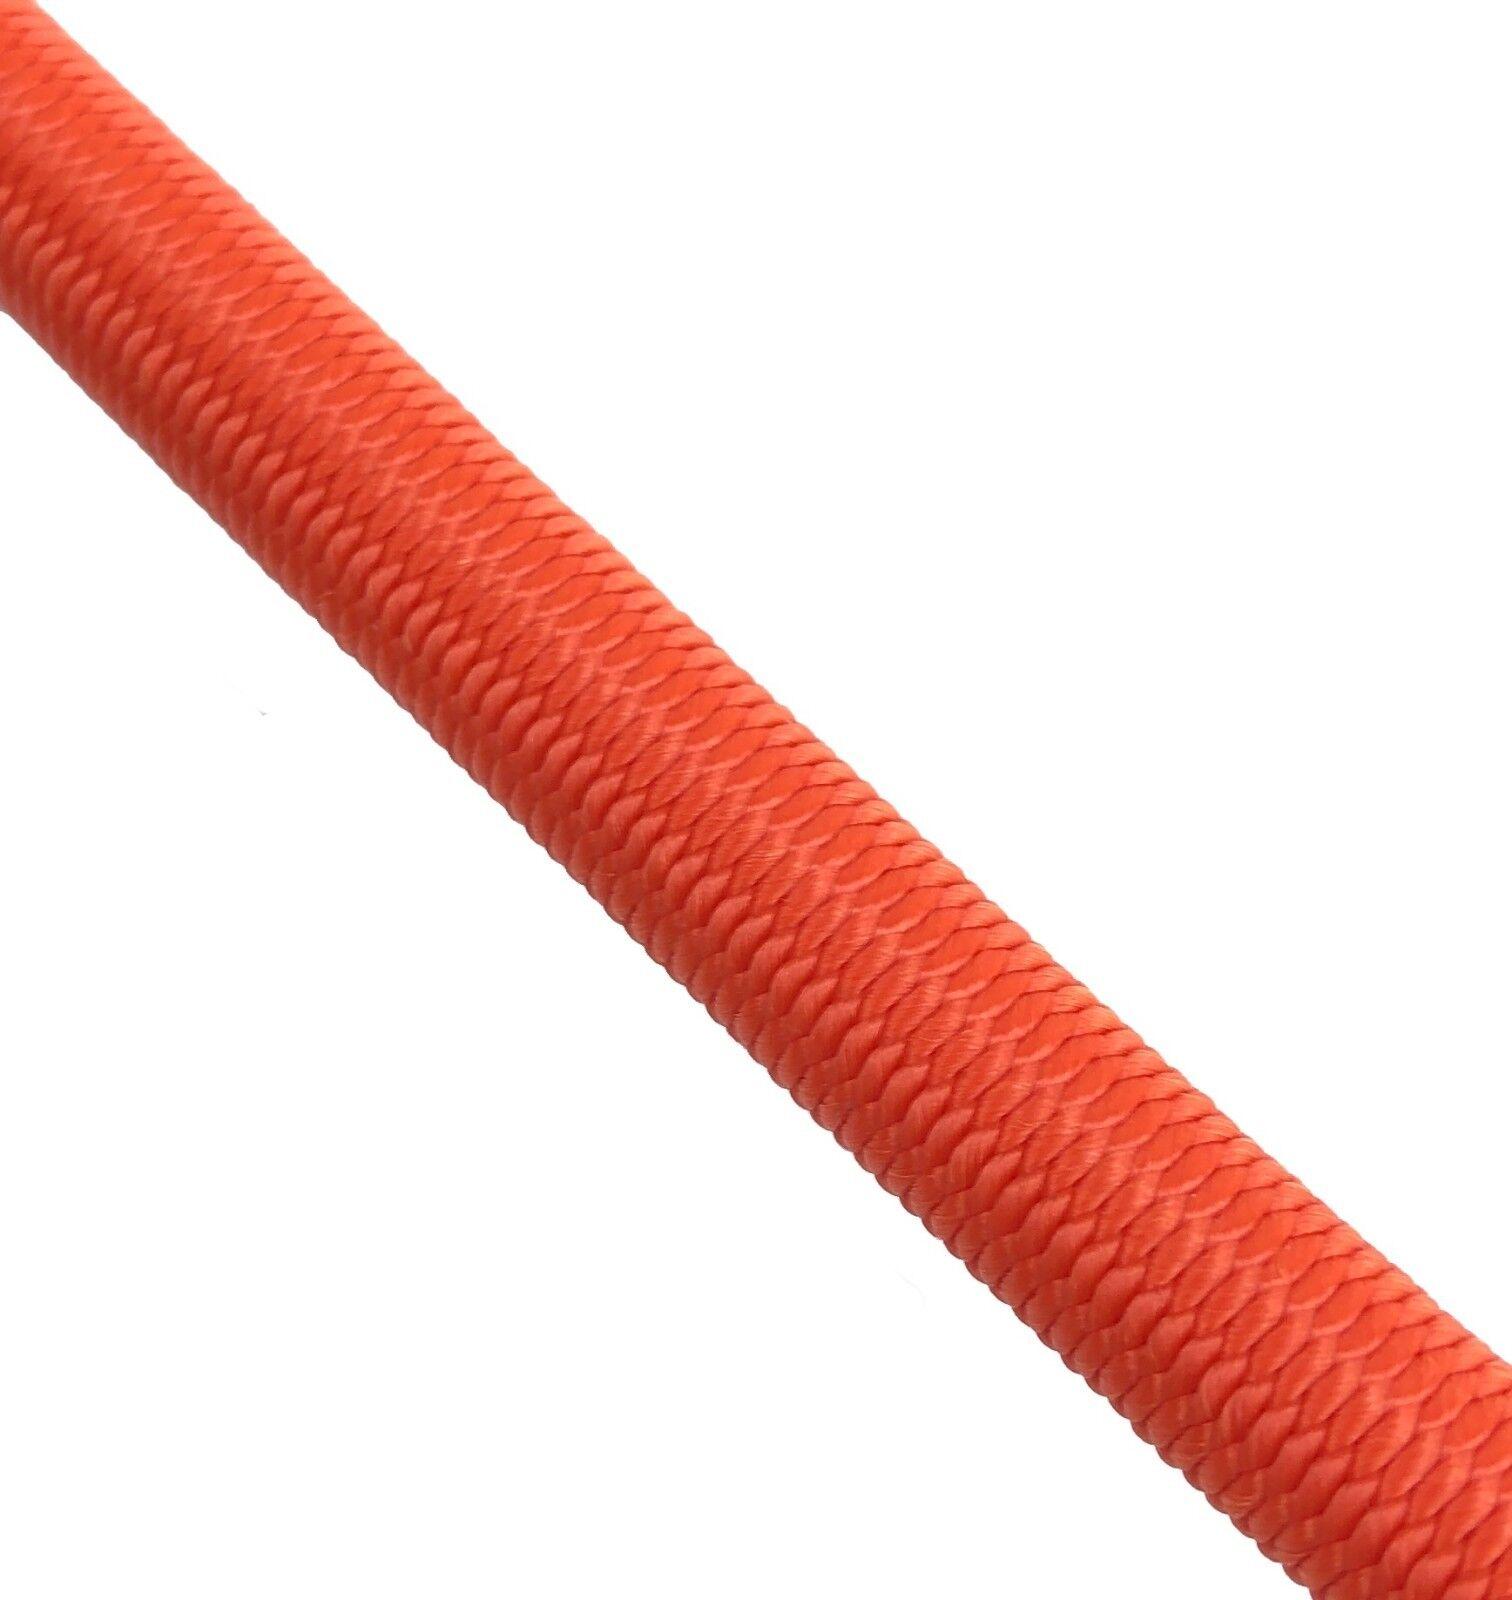 10mm Orange Elastischer Gummizug Seil X 75 Meter Krawatte Krawatte Krawatte Unten 14201f